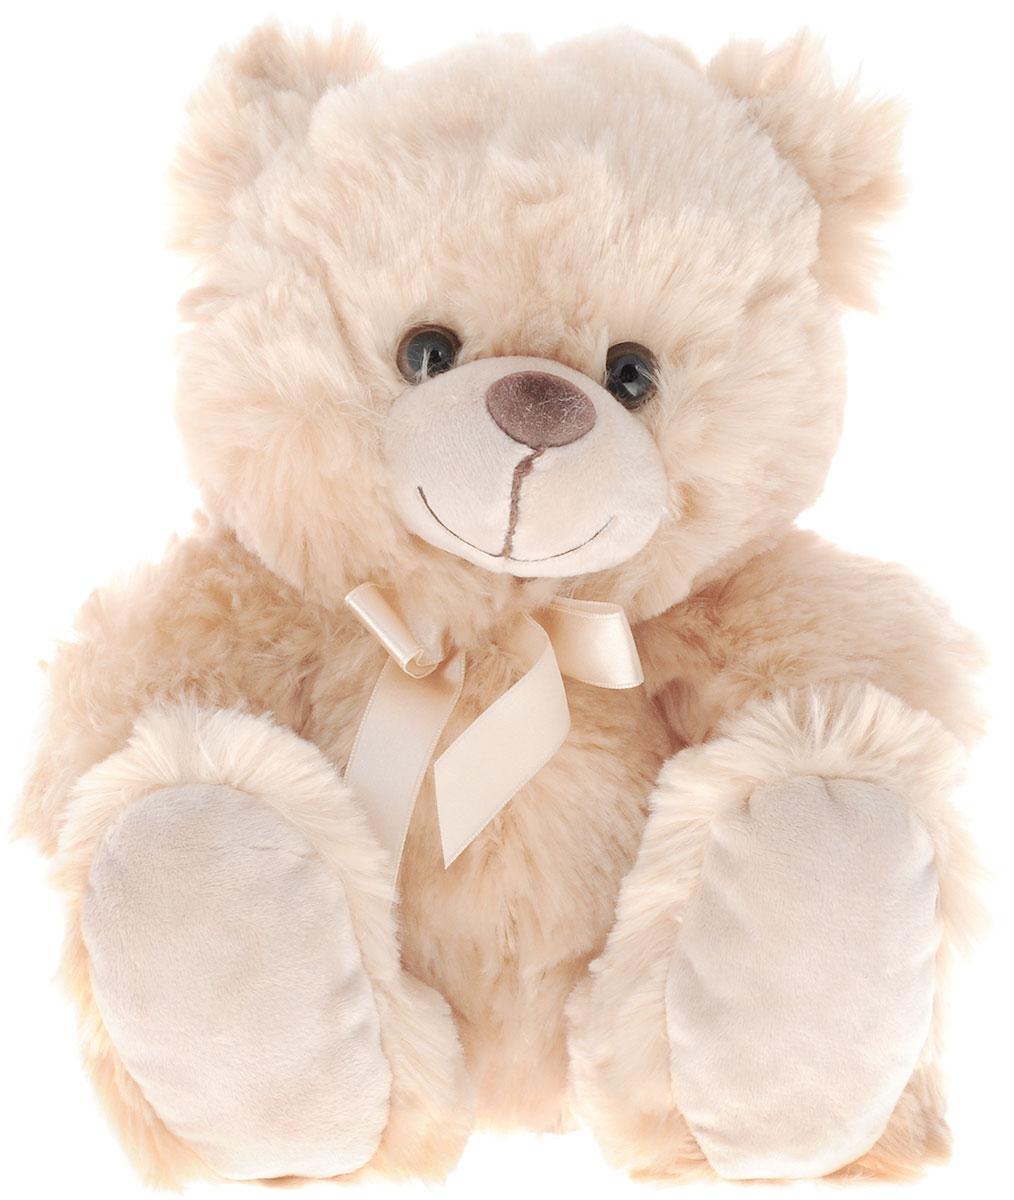 Plush Apple Мягкая игрушка Медведь Подарочный 26 см5D00069KМилая мягкая игрушка Plush Apple Медведь Подарочный с атласным бежевым бантиком на шее, привлечет внимание любого ребенка. Модель изготовлена из приятных на ощупь и очень мягких материалов, безвредных для малыша. Его добрые глаза и приветливая улыбка вызовут умиление и улыбку. Очень мягкий и нежный, с ним так приятно играть, ходить на прогулку и засыпать, прижавшись к нему. Мишка станет прекрасным подарком любимым и близким.